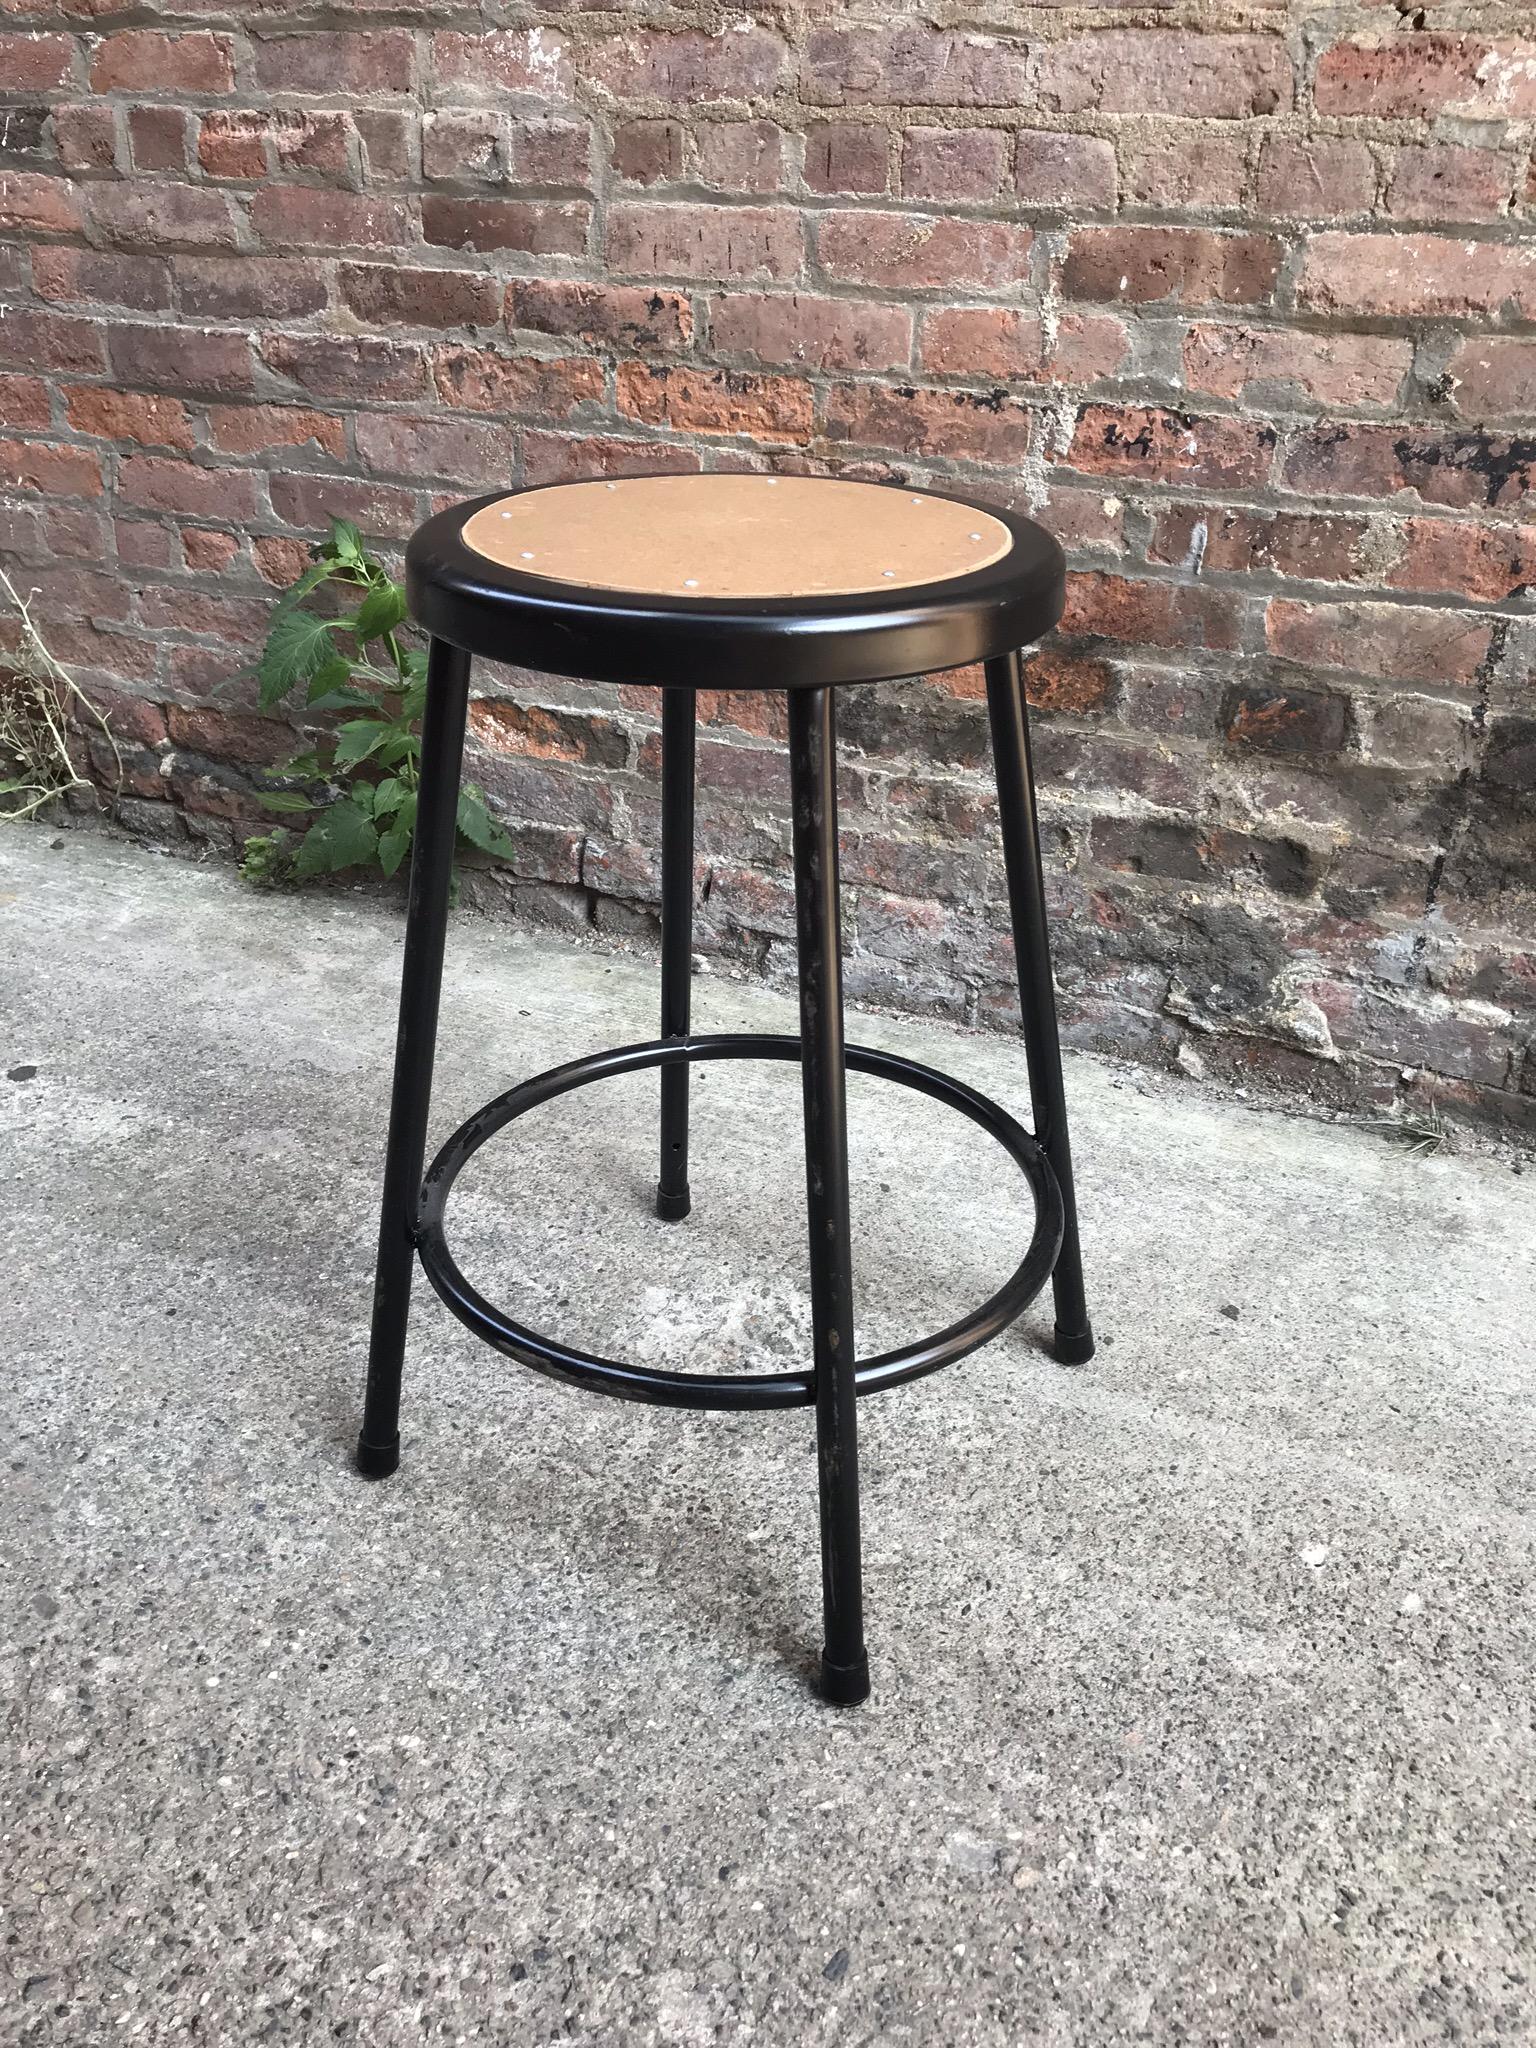 Black Industrial stool $40